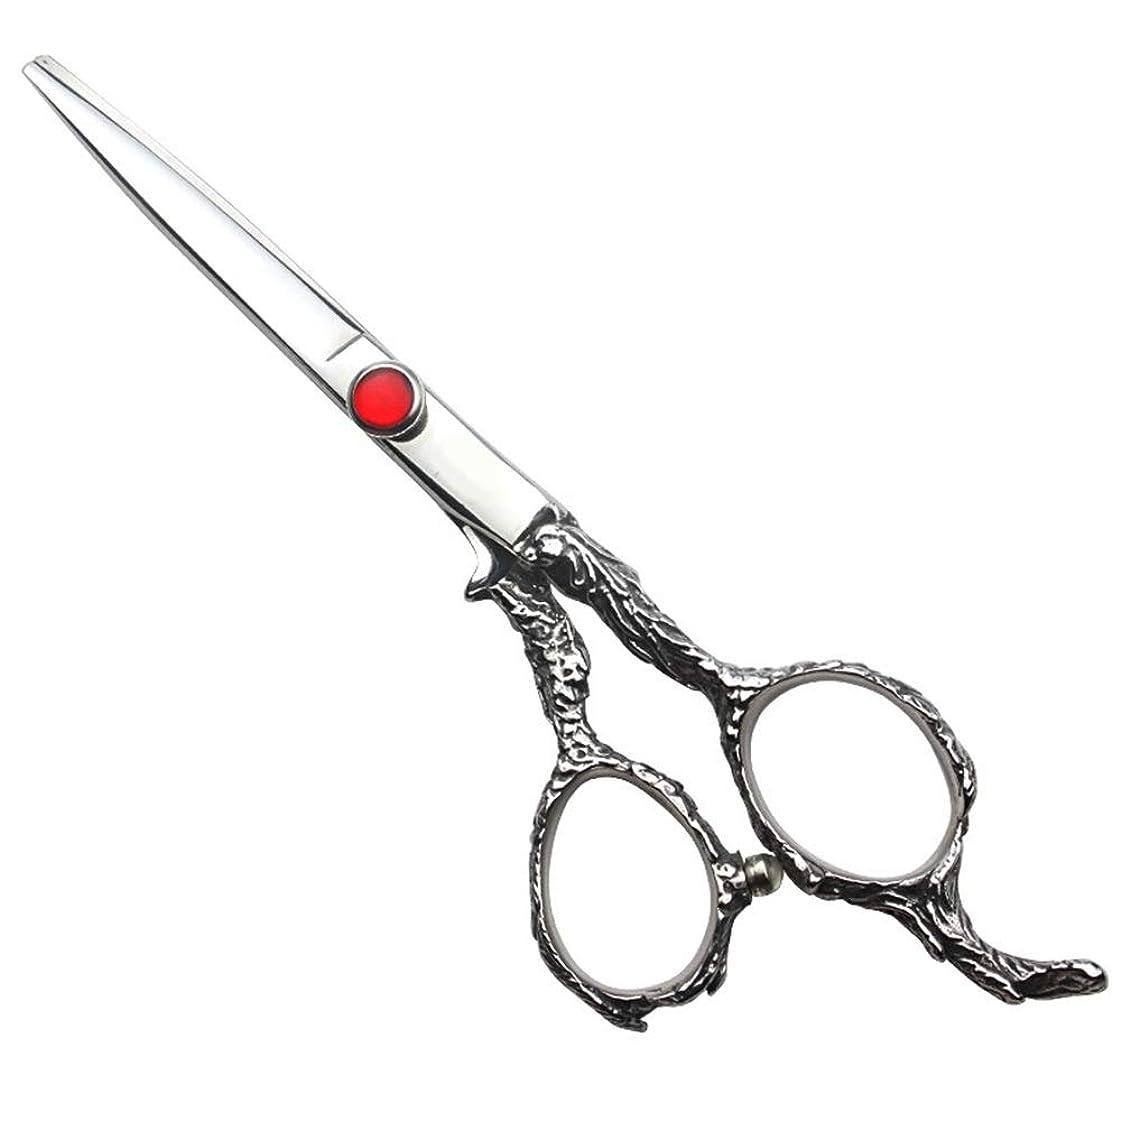 引く落ち着く空家族6インチの理髪はさみ、美容院の専門のヘアカットの直線はさみ モデリングツール (色 : Silver)